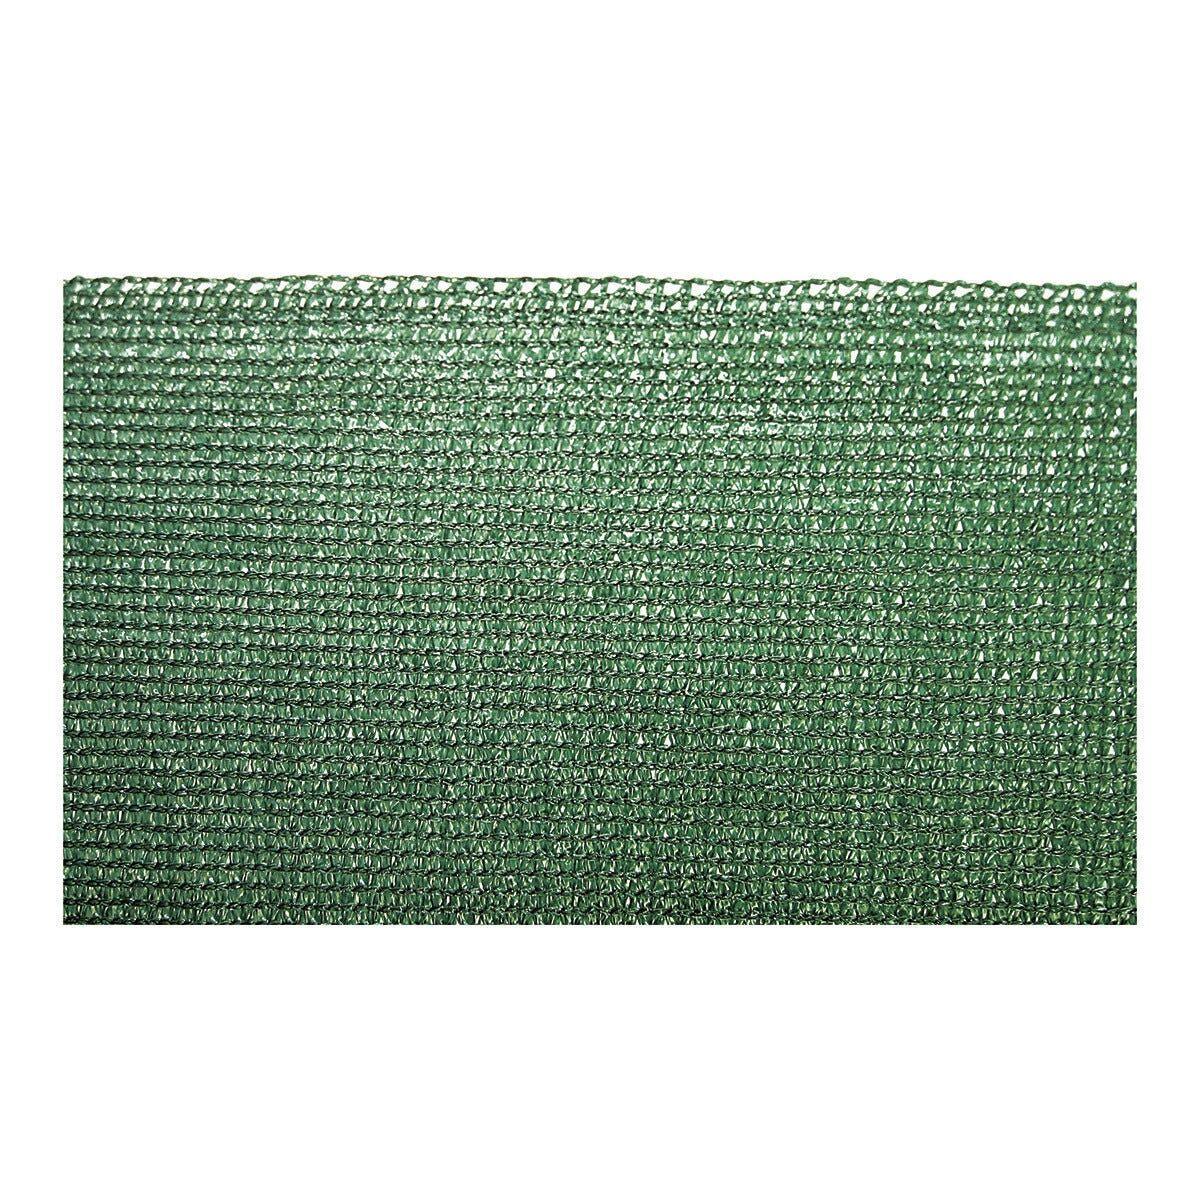 Rete Ombreggiante Full 130 G/m² 2x5 M Verde Ombreggiante 95% Filo In Polietilene